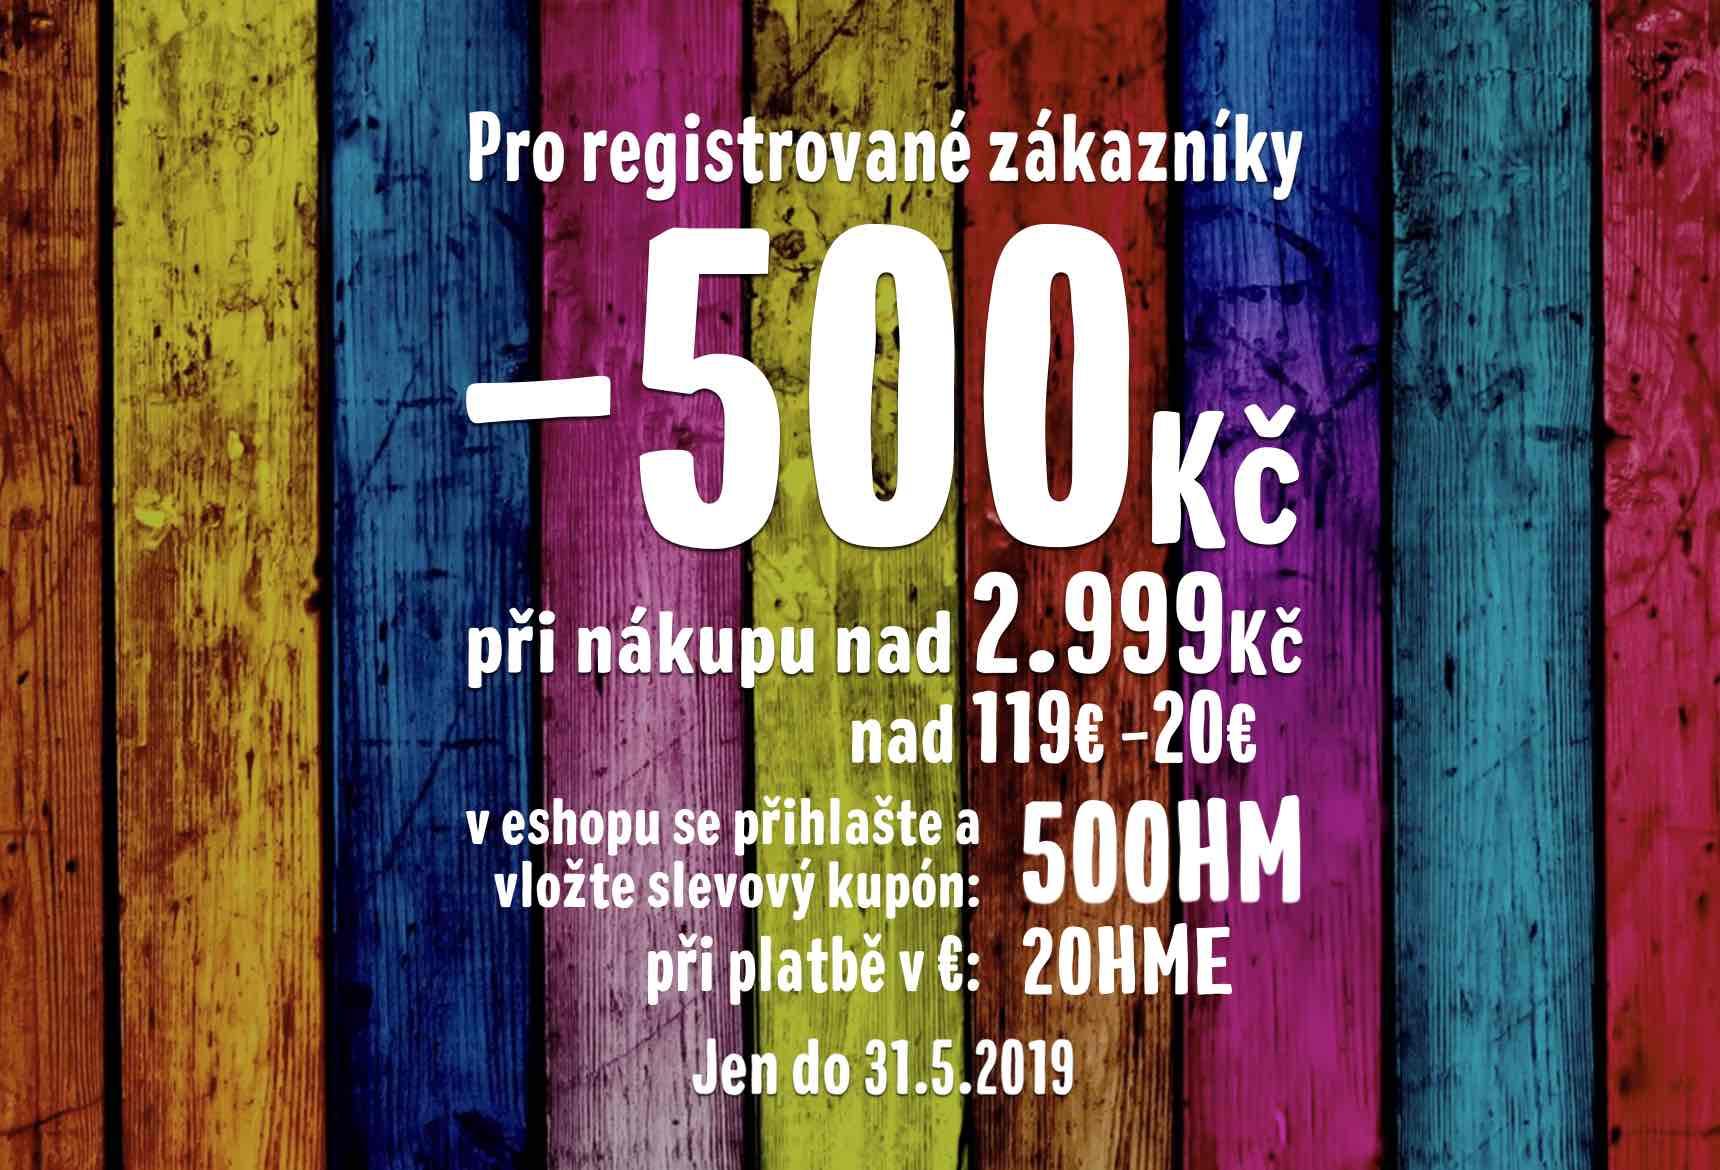 -500Kč pro registrované zákazníky